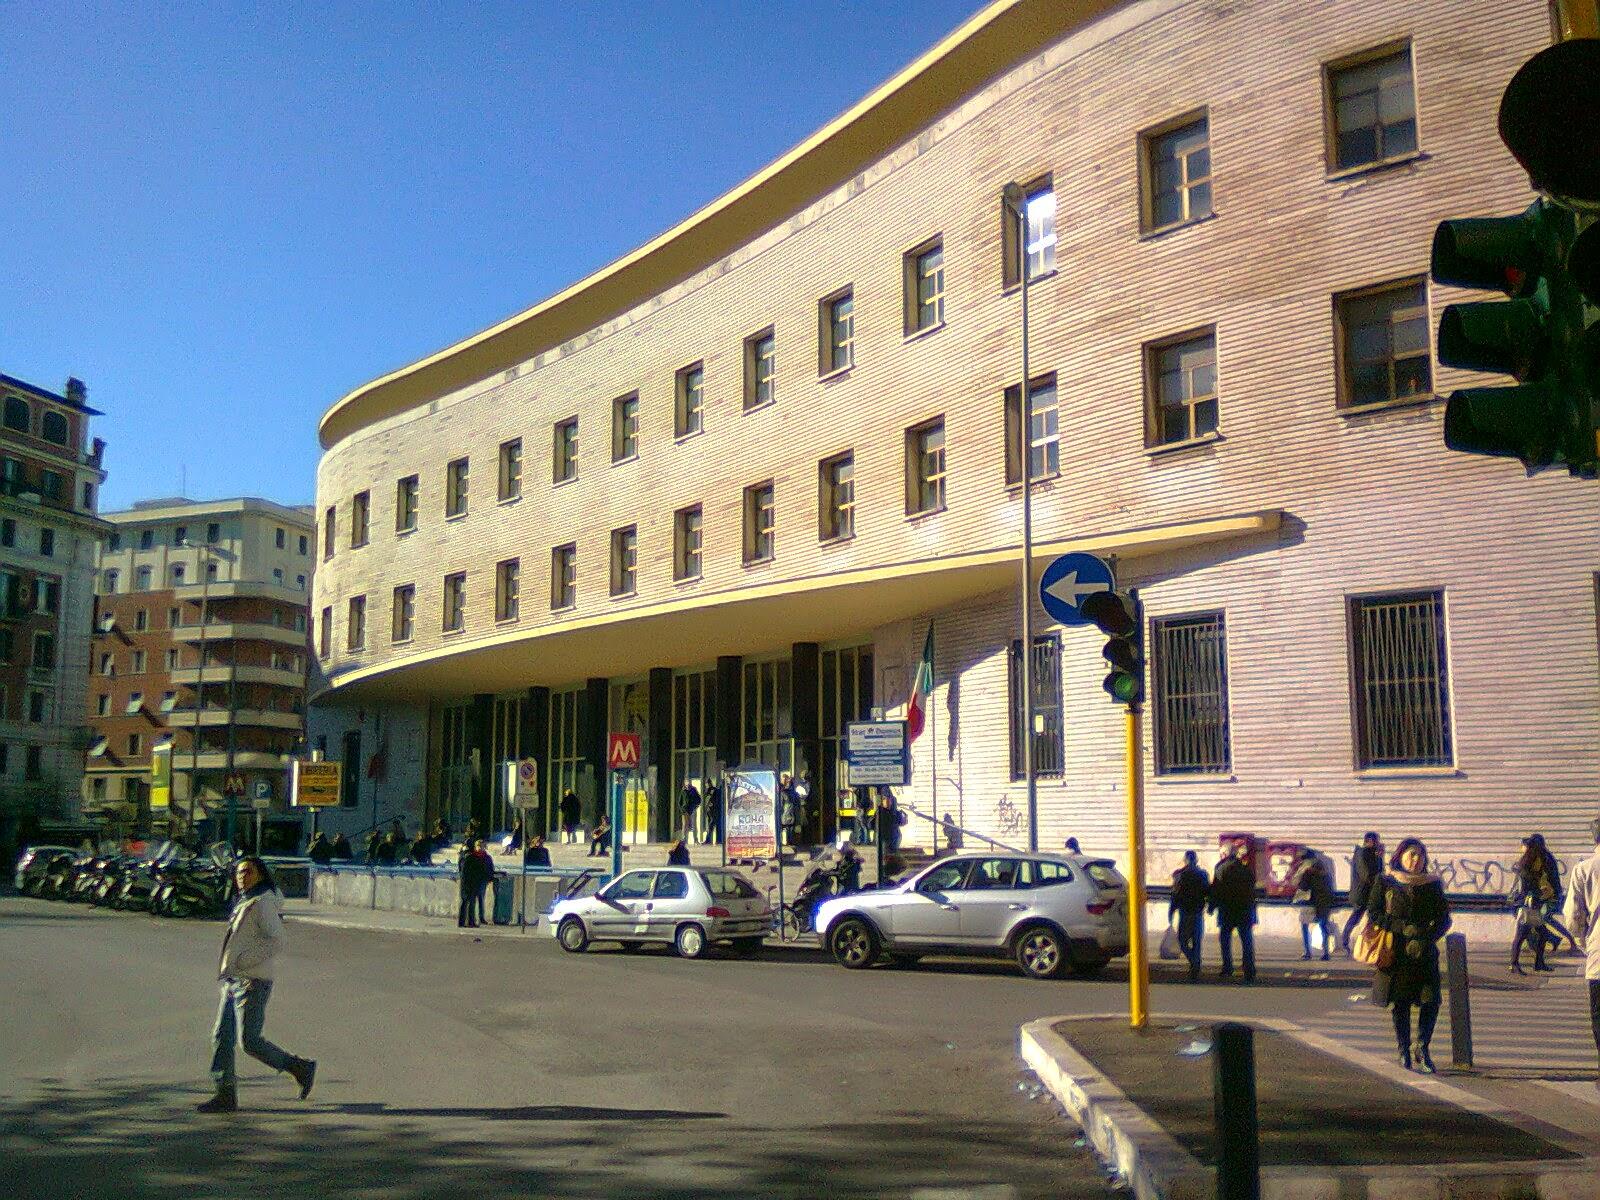 Ufficio Tirocini Architettura Sapienza : A lezione con l archistar paolo colonna i press news ufficio